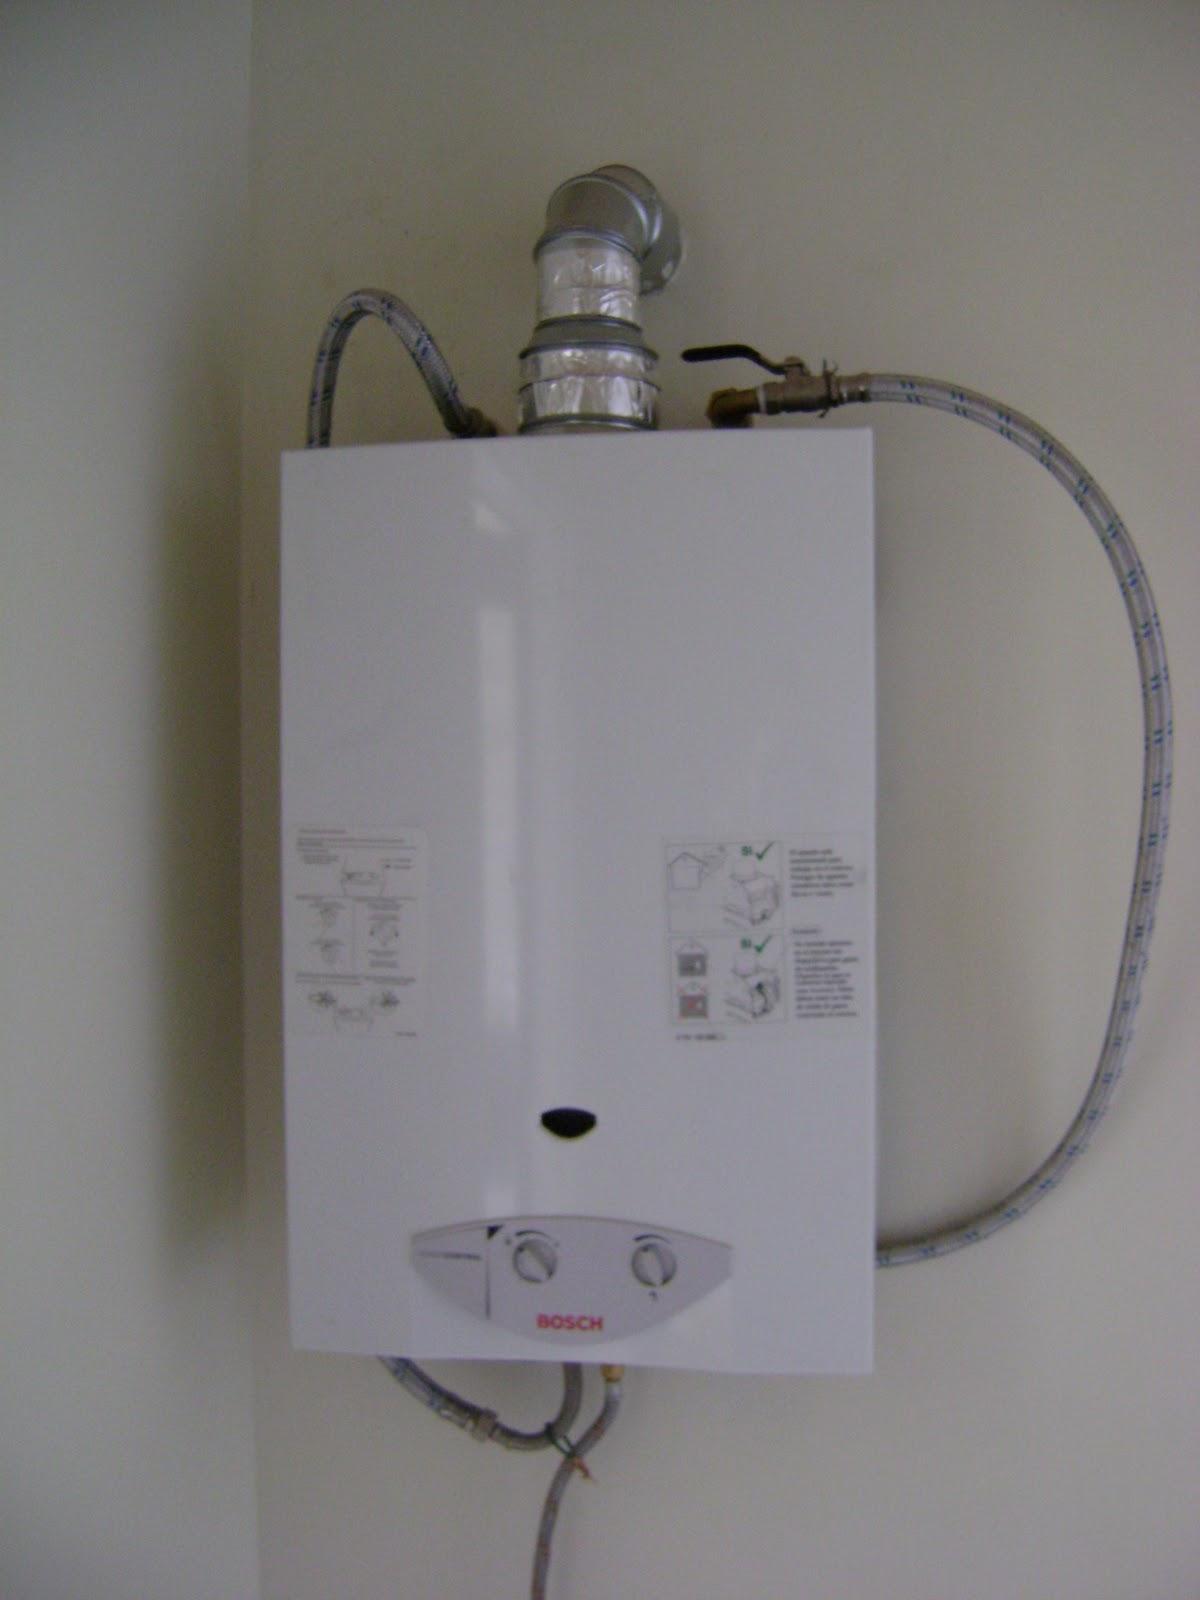 Hg mantenimiento como funciona el calentador de agua de paso - Calentador de agua de gas ...